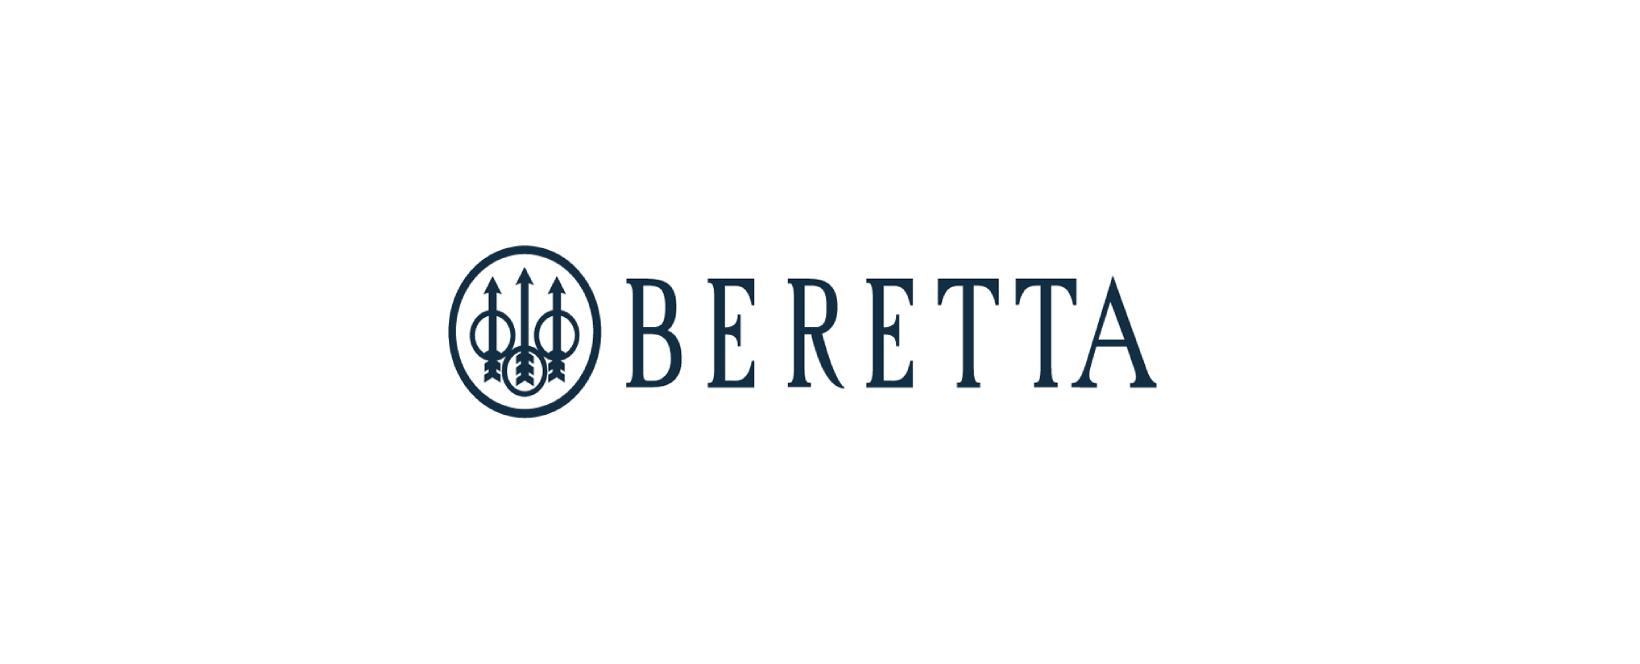 Beretta Discount Code 2021